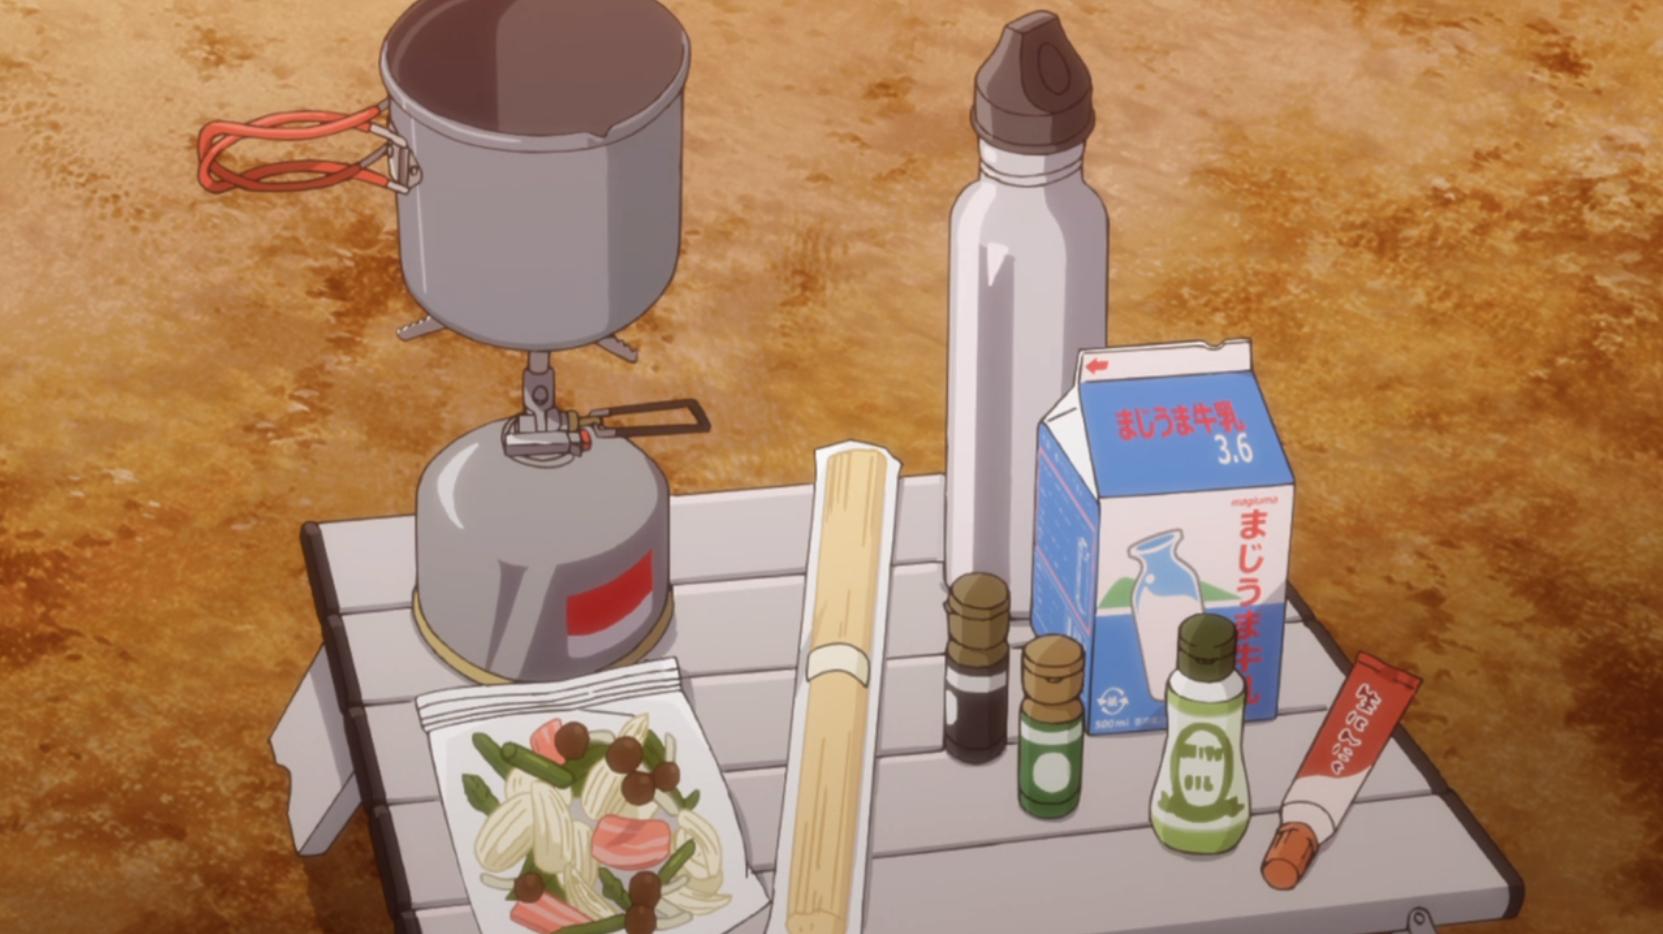 アニメ『ゆるキャン△』5話の志摩リンのスープパスタの材料